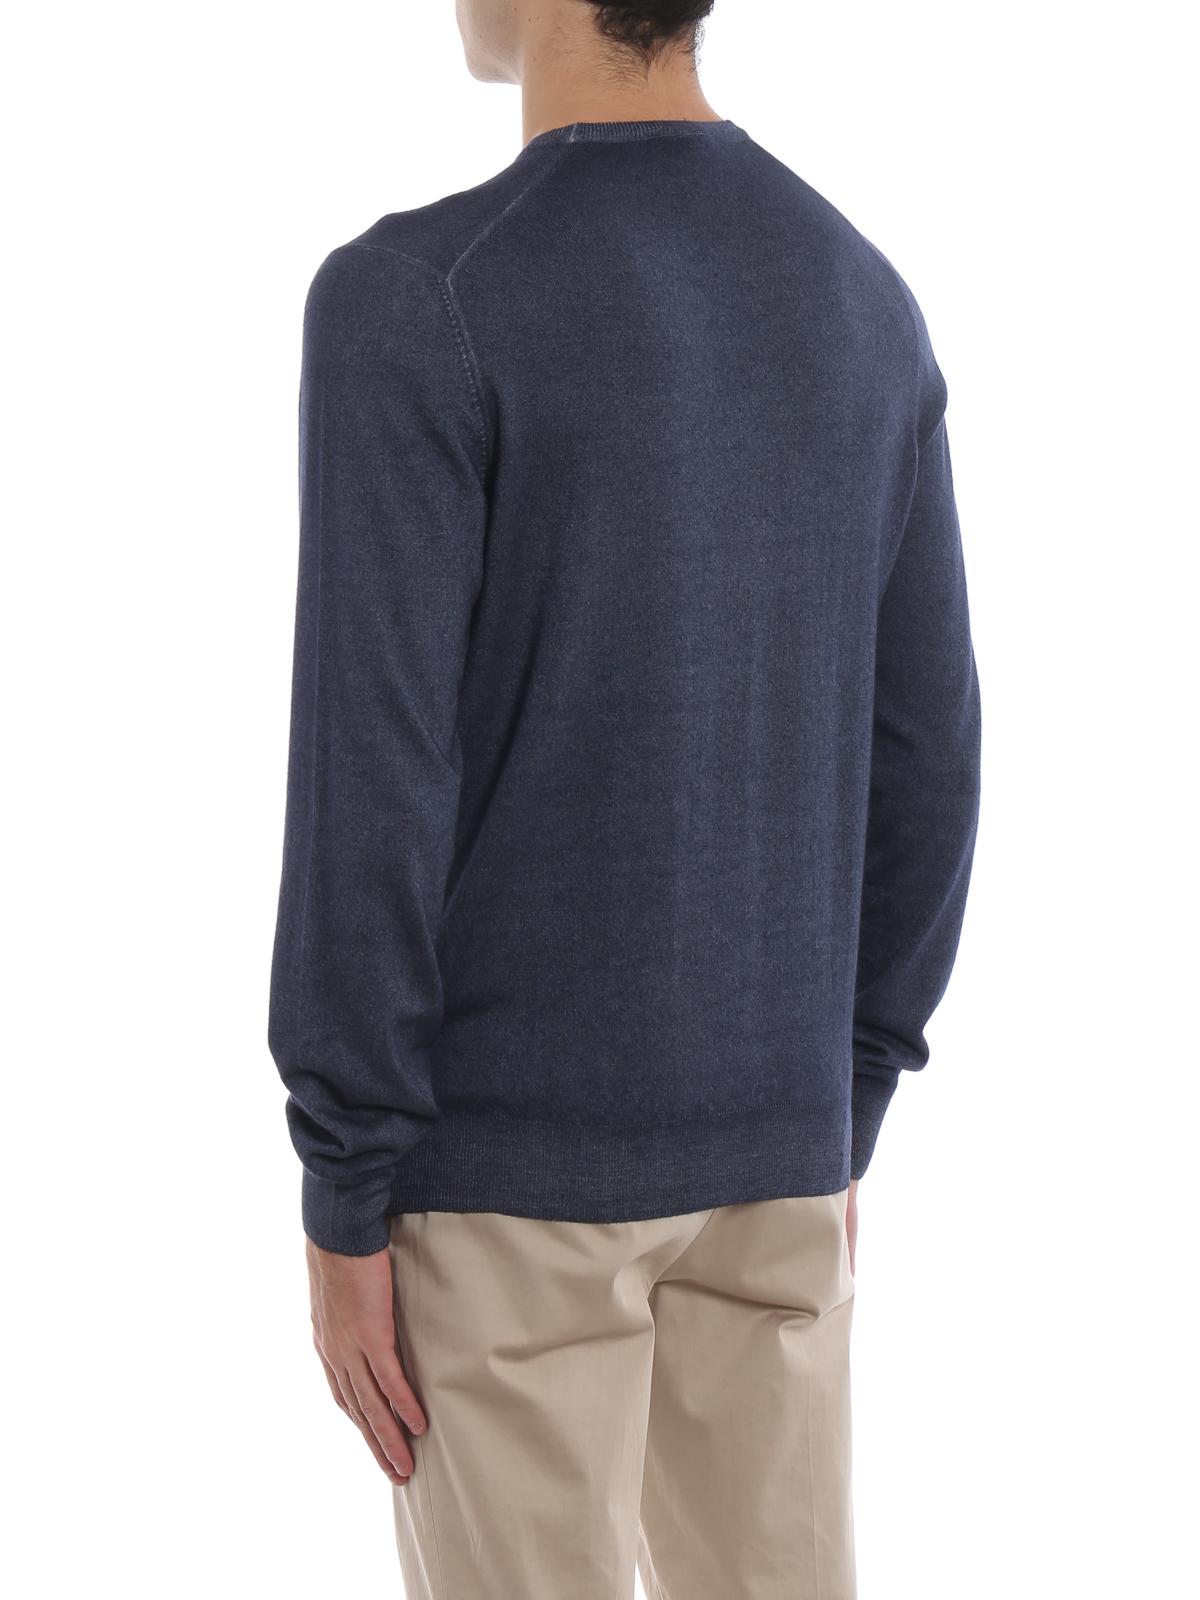 Cashmere crew neck basic sweater PAOLO FIORILLO CAPRI   7   4518826290989